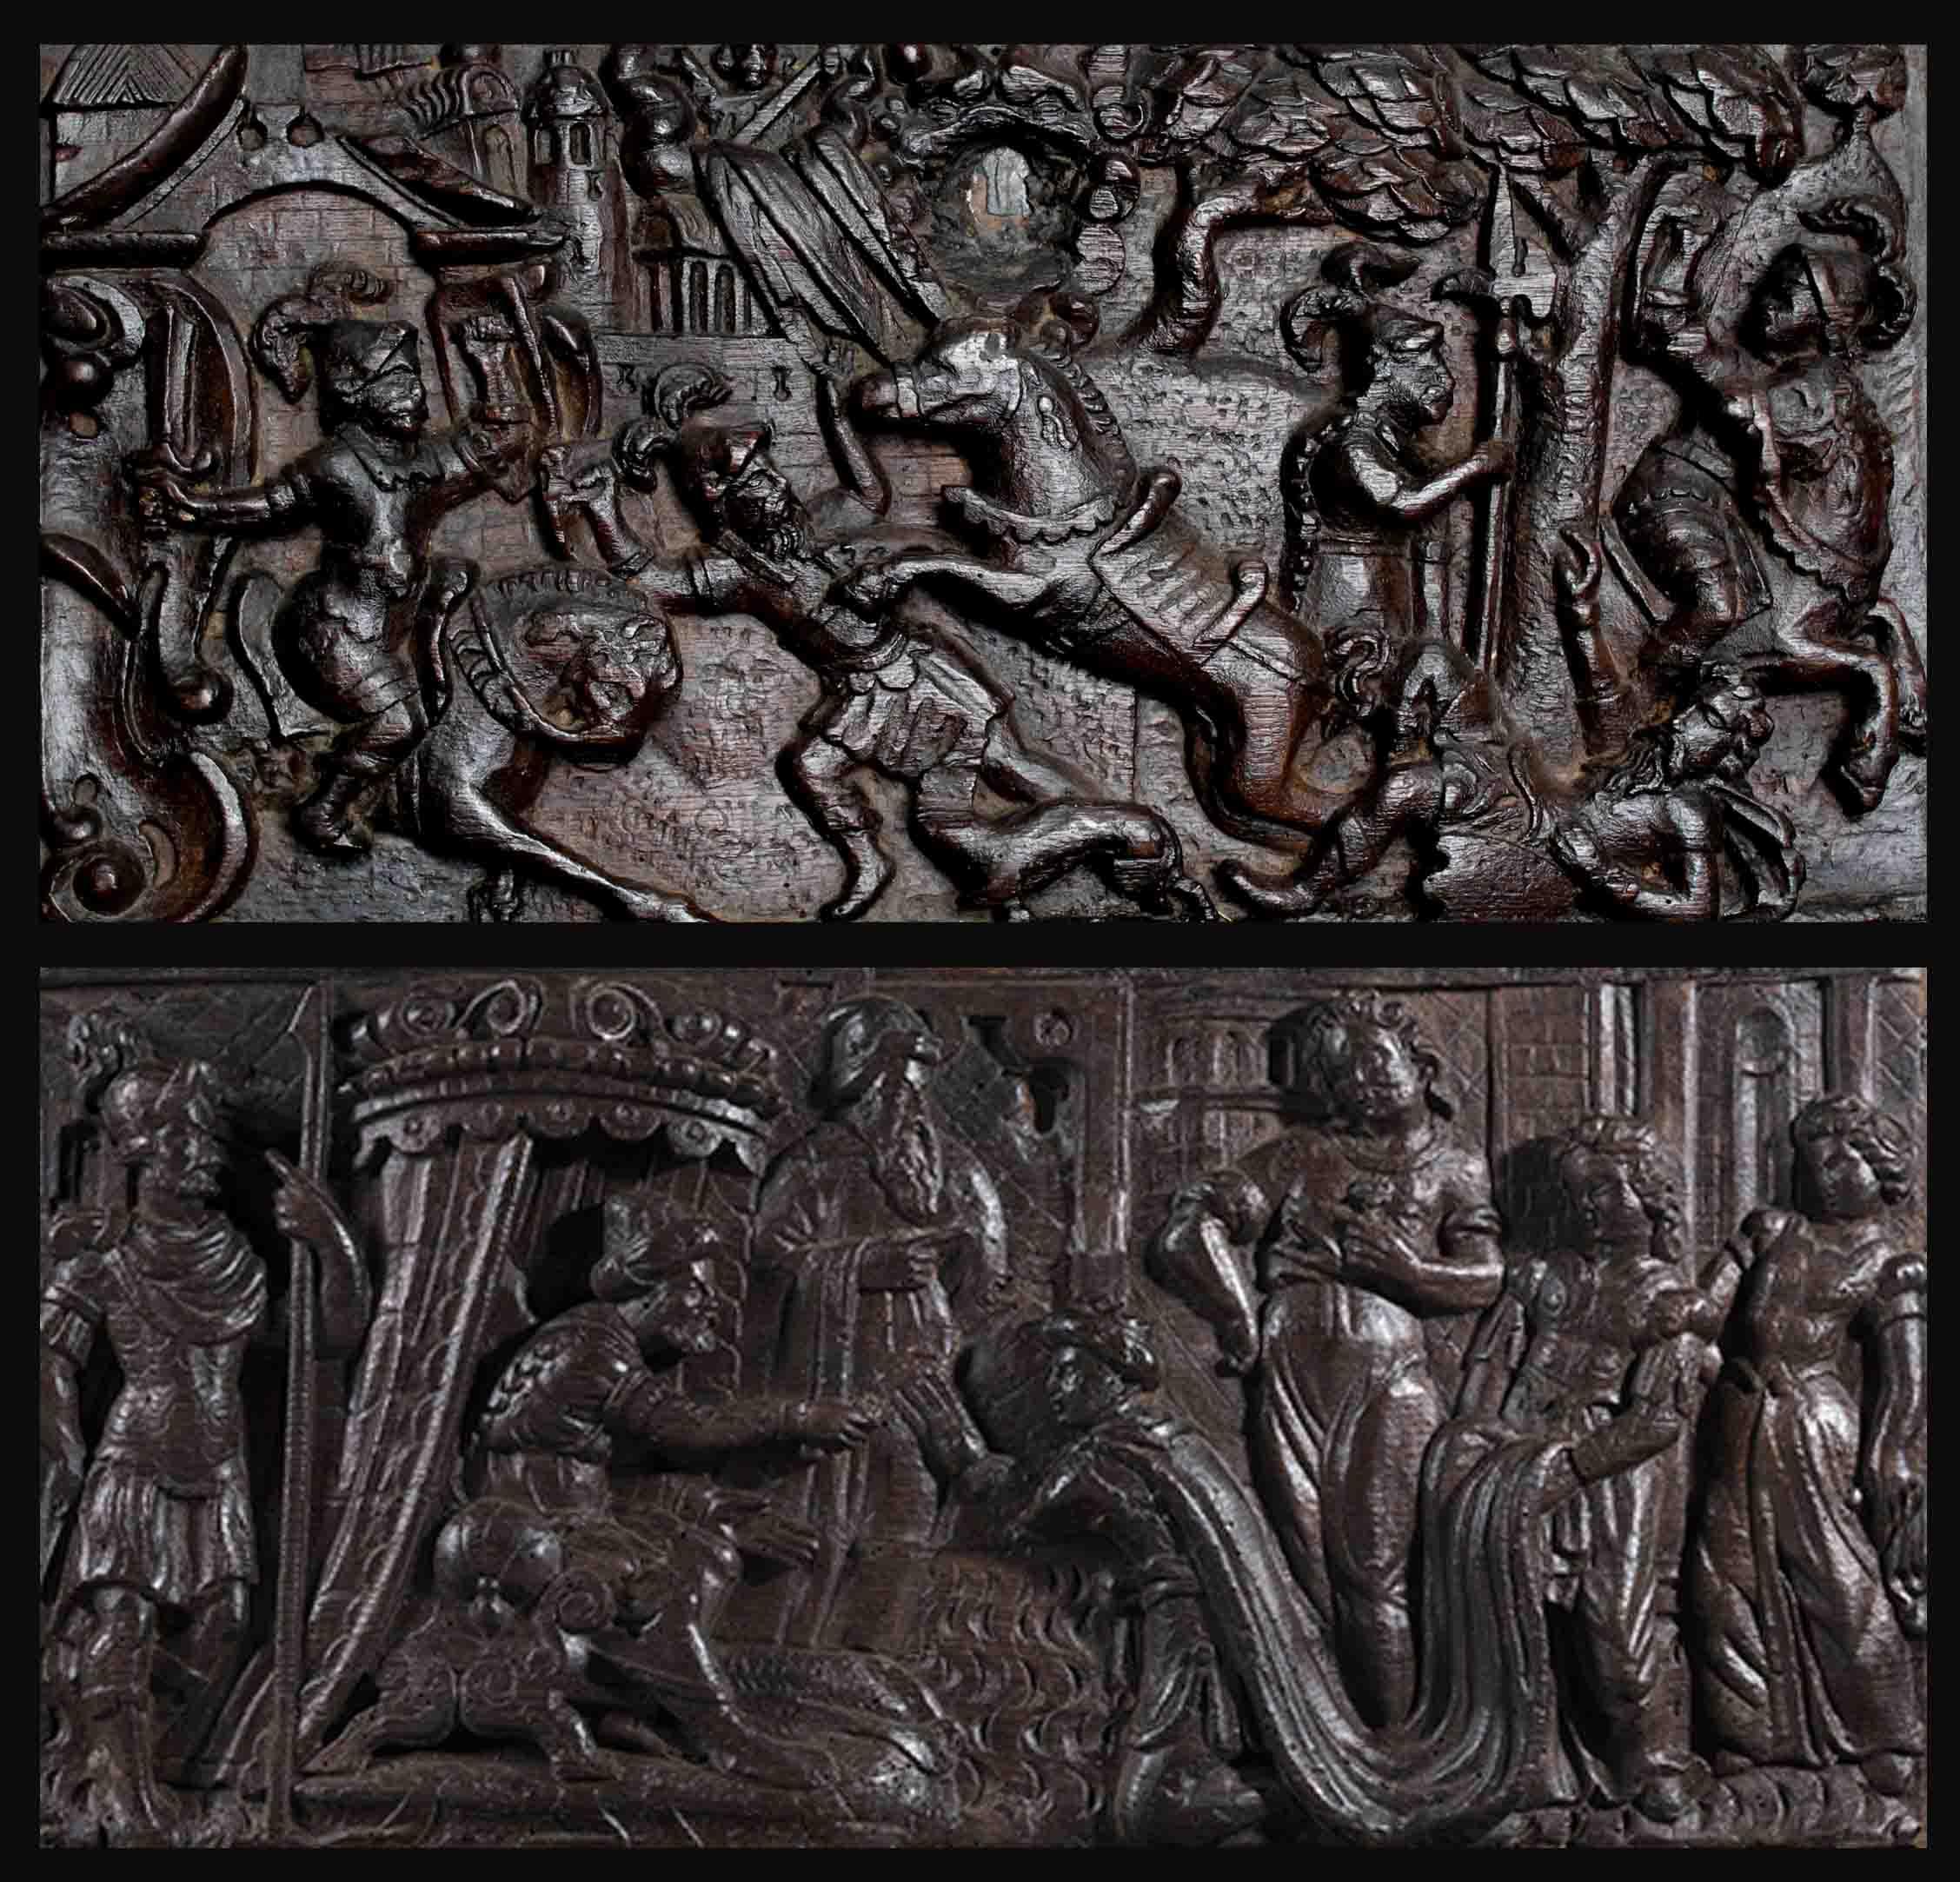 Fine XVI secolo - Scena di battaglia  Scena cortese